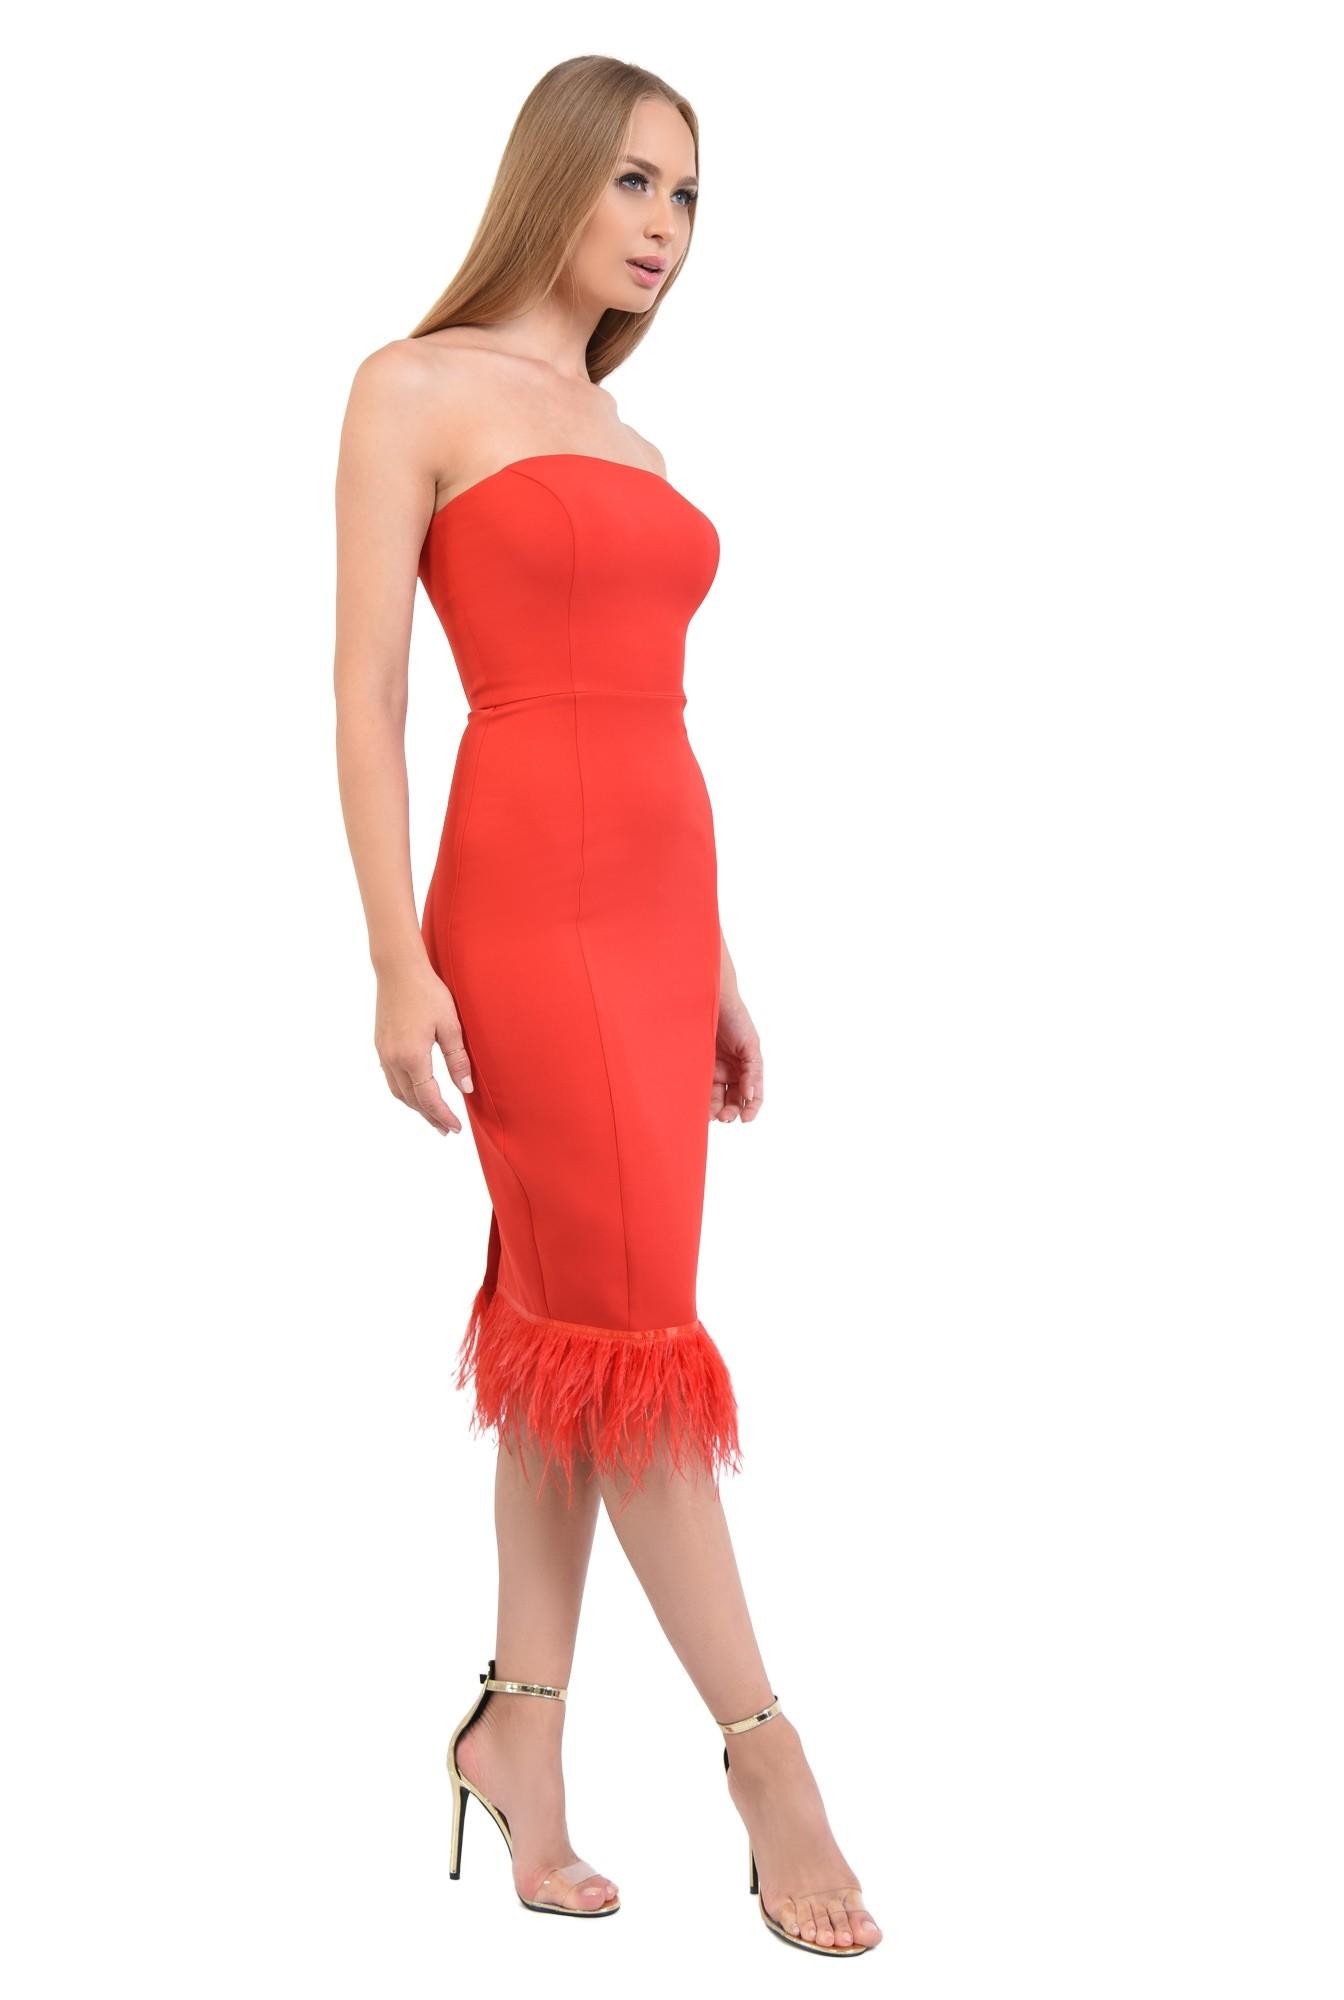 rochie eleganta, rosu, corset